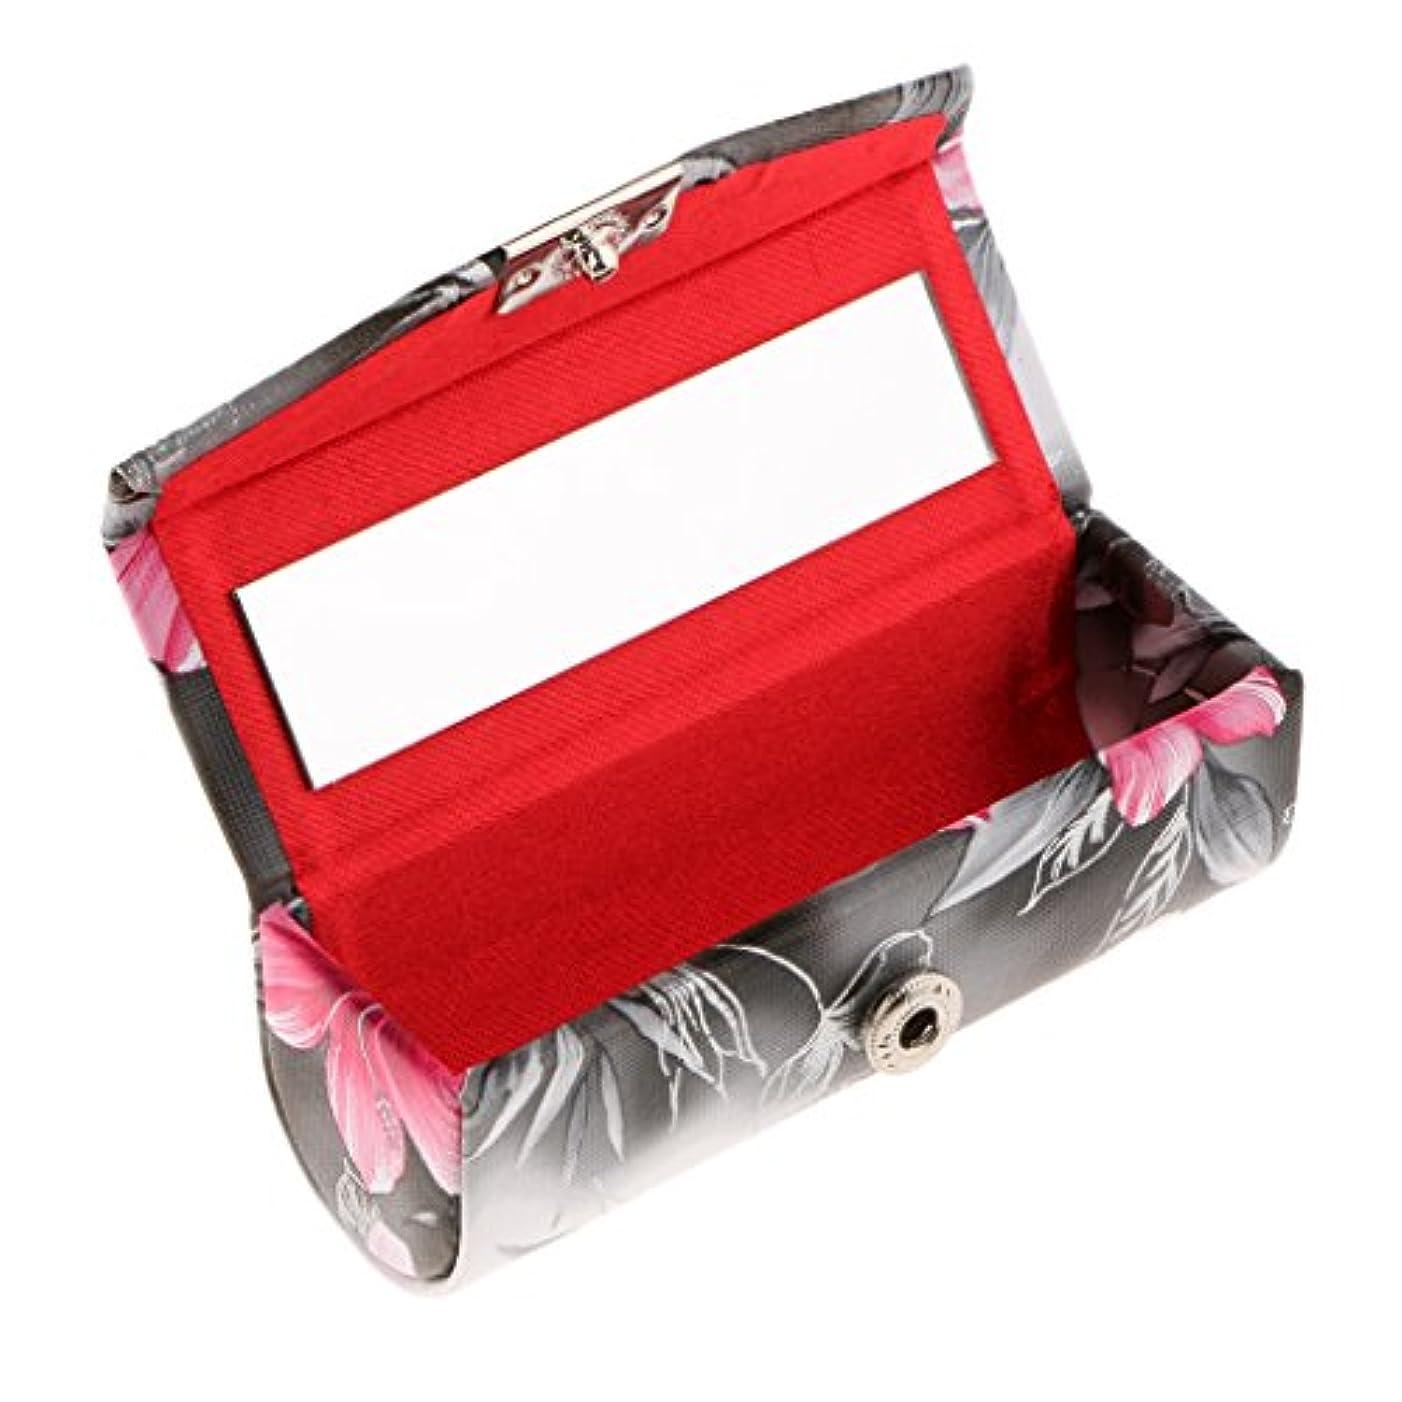 パレード悪性腫瘍海洋CUTICATE 口紅ケース 化粧ポーチ ミラー付き リップスティックホルダー レトロ プレゼント 全3色 - ブラック